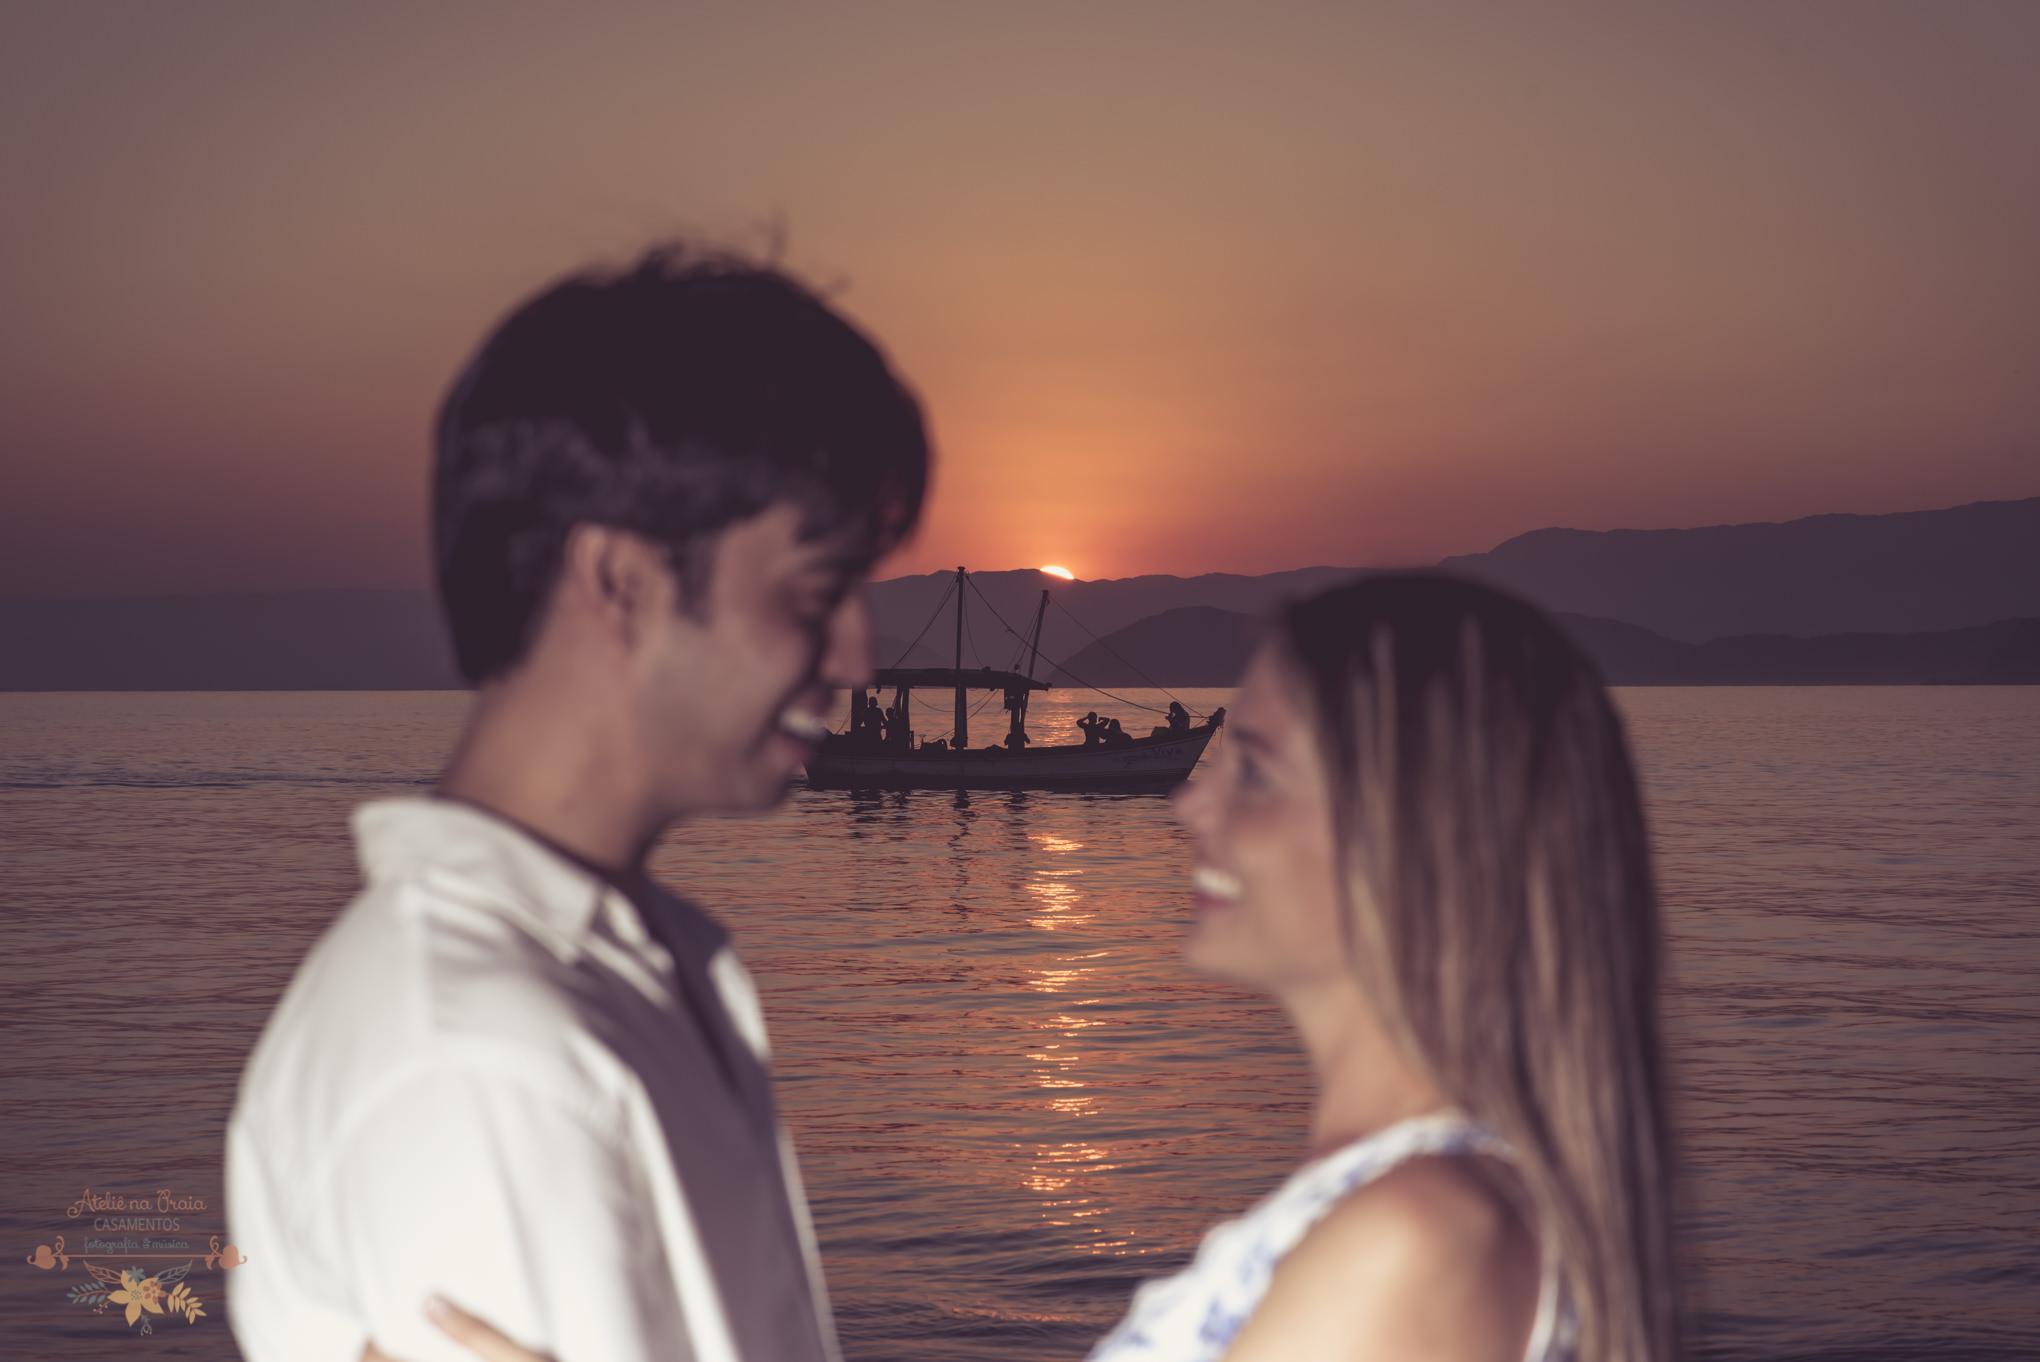 Atelie-na-Praia-Pre-Wedding-Noivos-Carol-Thomas-PQ-3534